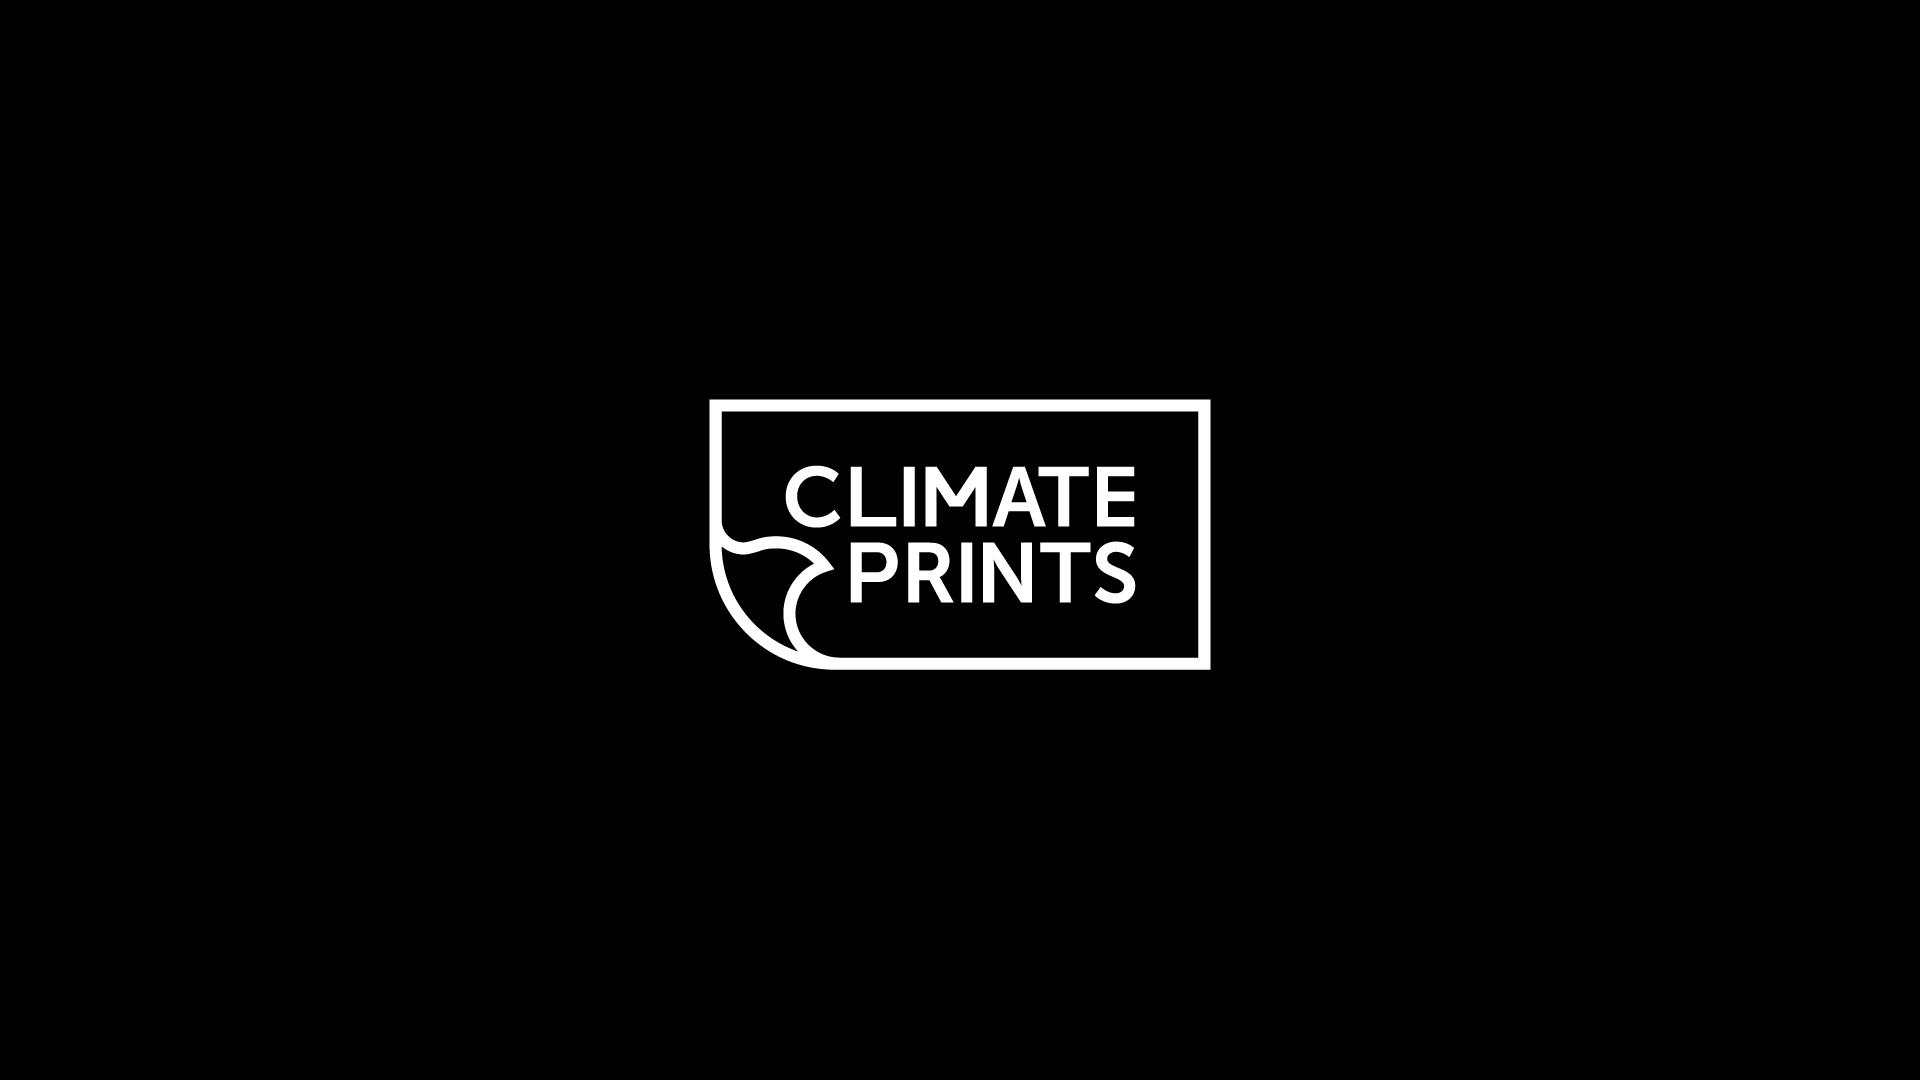 Climate Prints